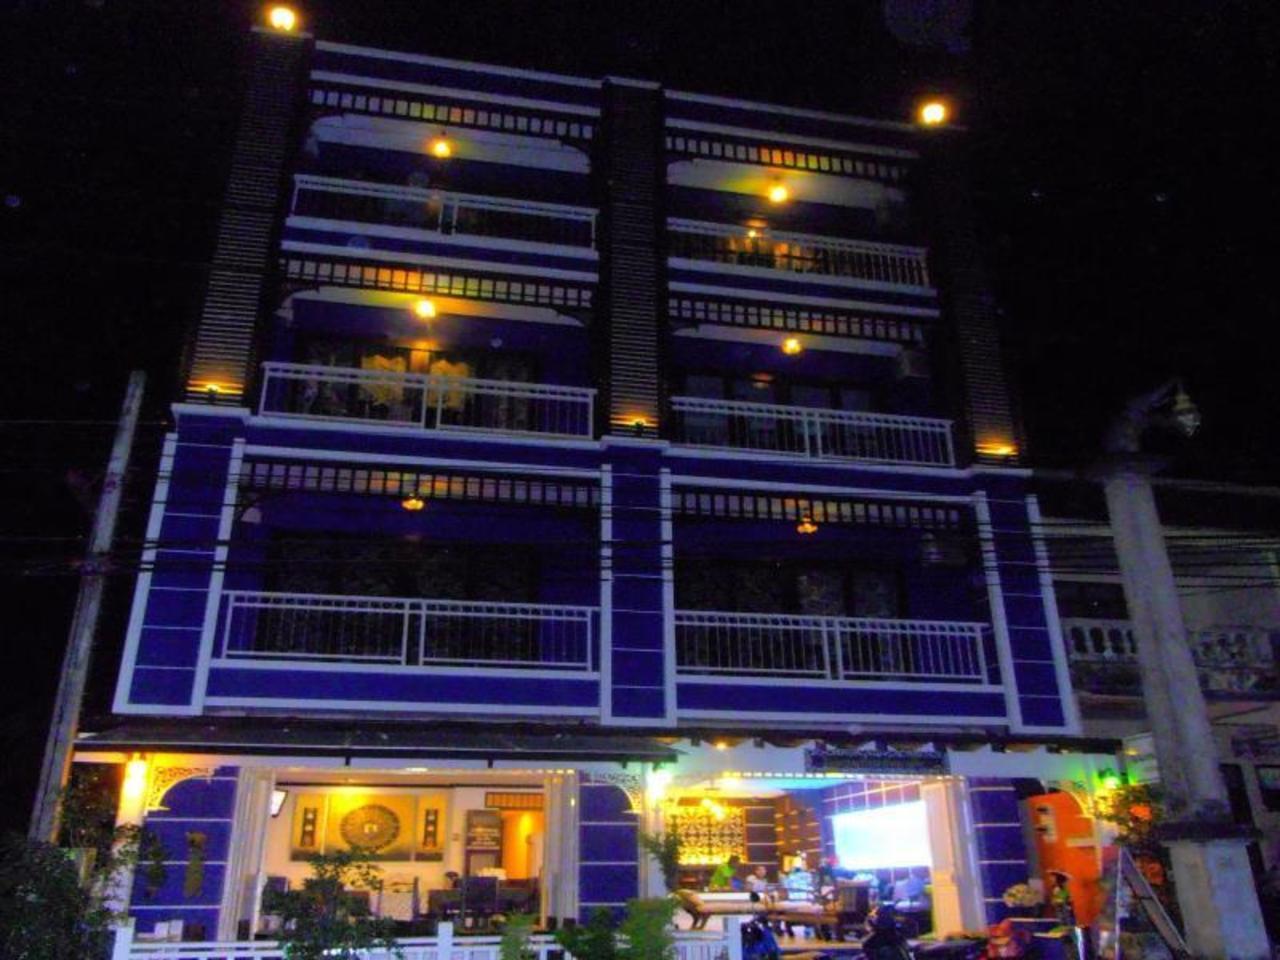 โรงแรมบ้านอันดามัน เบด แอนด์ เบรคฟาสต์ (Baan Andaman Bed & Breakfast Hotel)